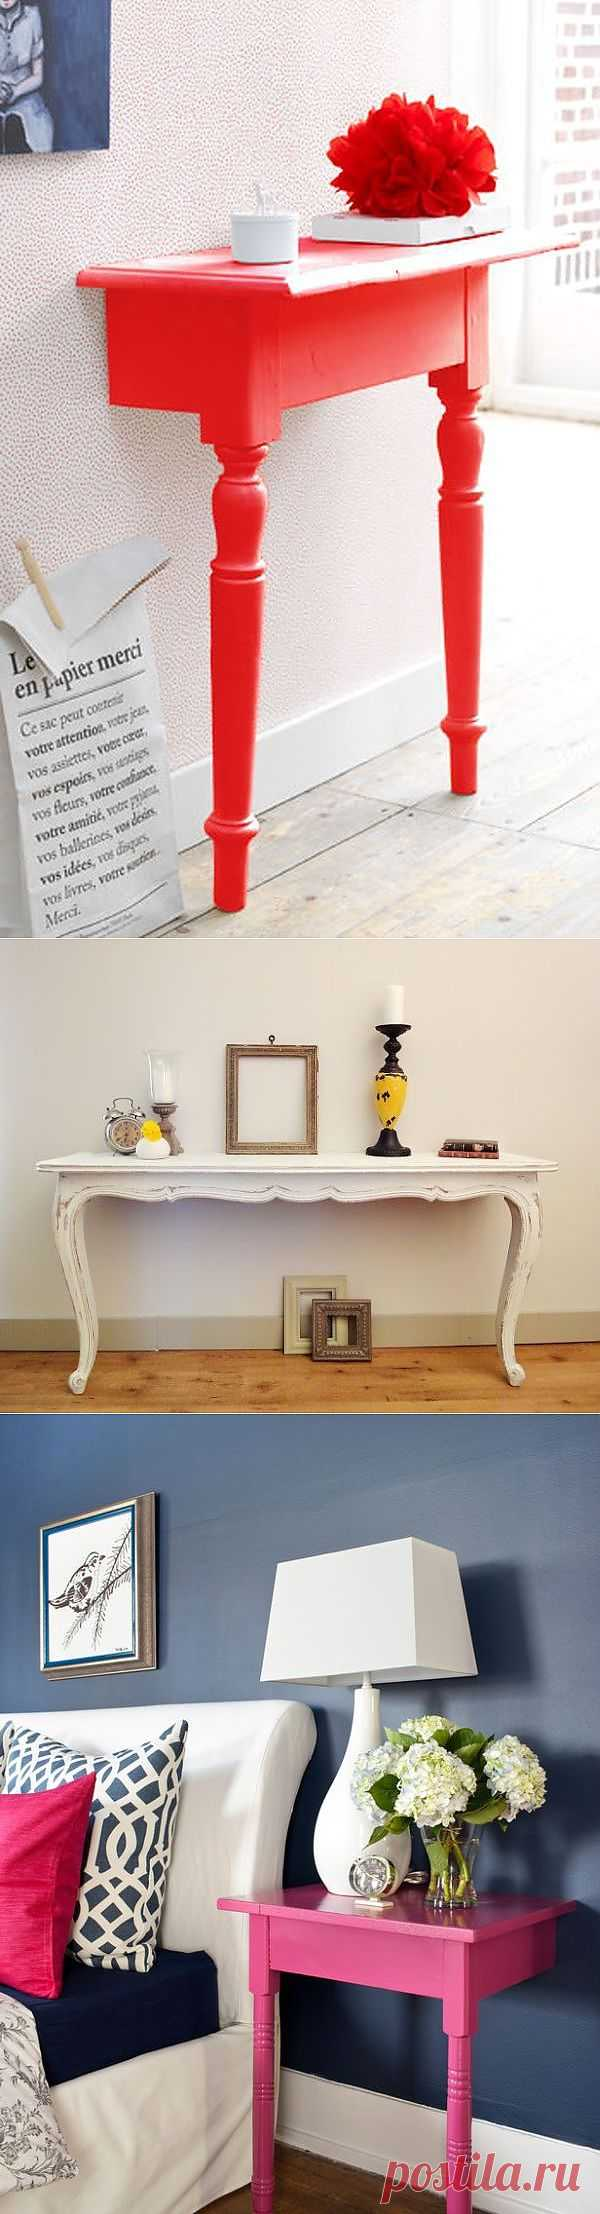 Консоли из распиленной мебели (подборка) / Мебель / Модный сайт о стильной переделке одежды и интерьера